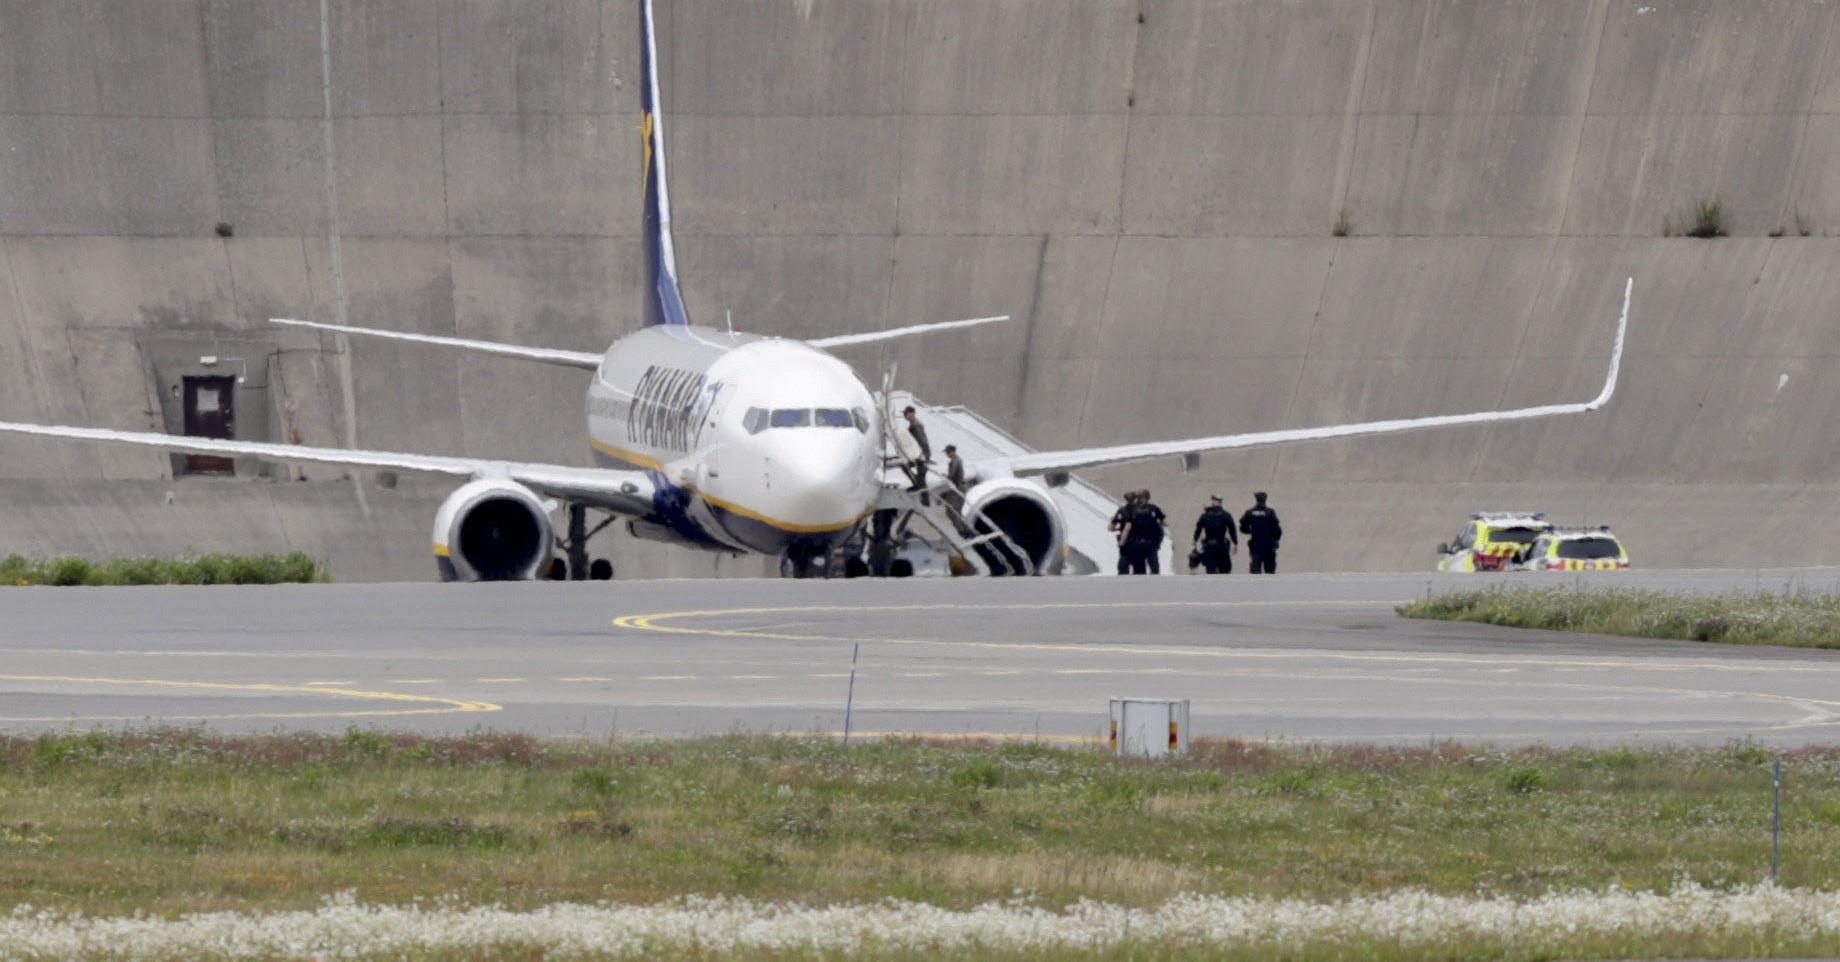 Pokolgépes fenyegetés miatt kényszerleszállást hajtott végre egy Ryanair-gép Berlinben